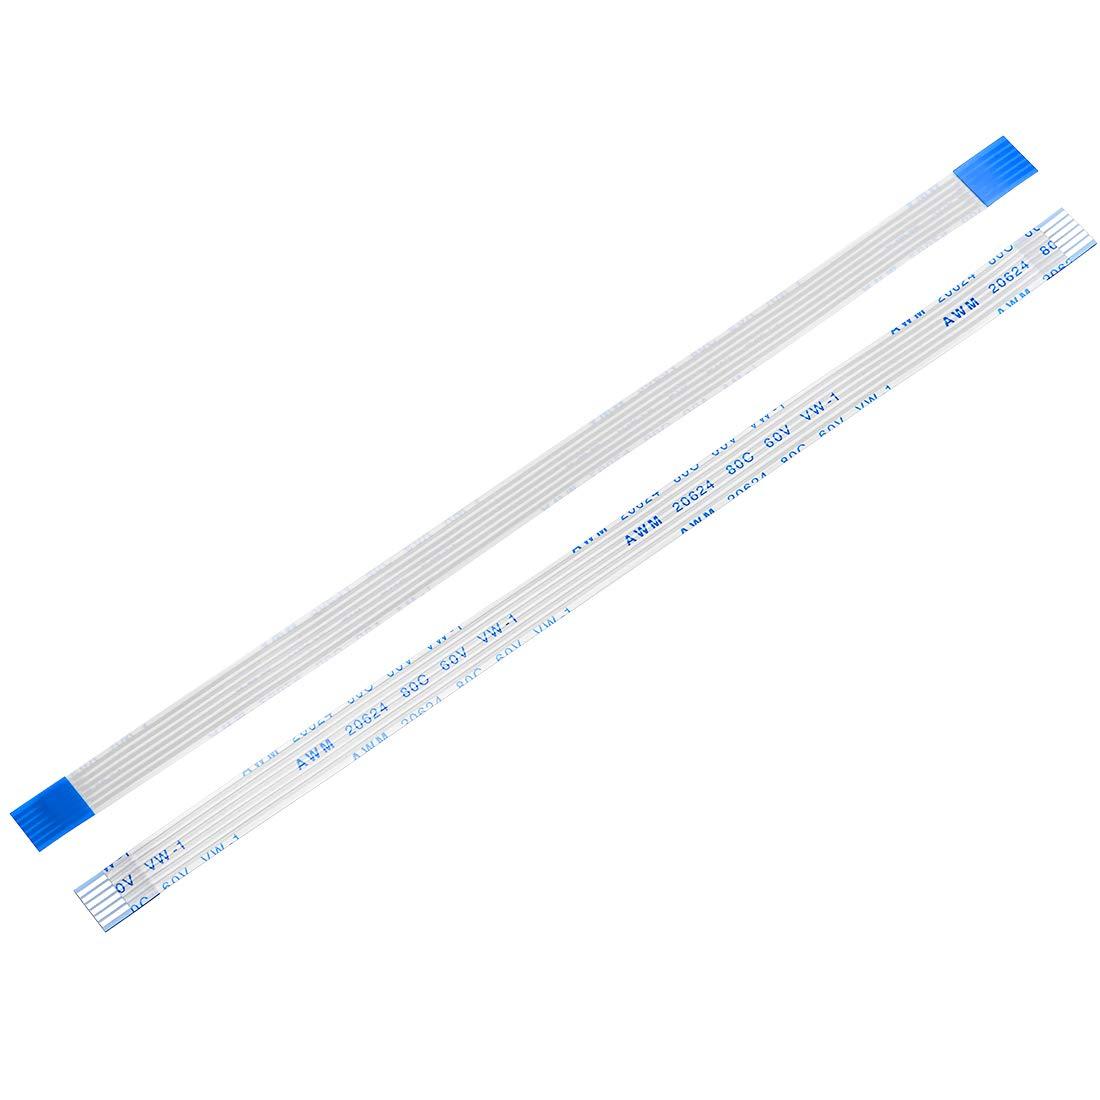 20uds sourcing map Cable Plano Flexible 150mm 1mm de Paso 10 Pines Cable Flexible de Cinta FPC FFC